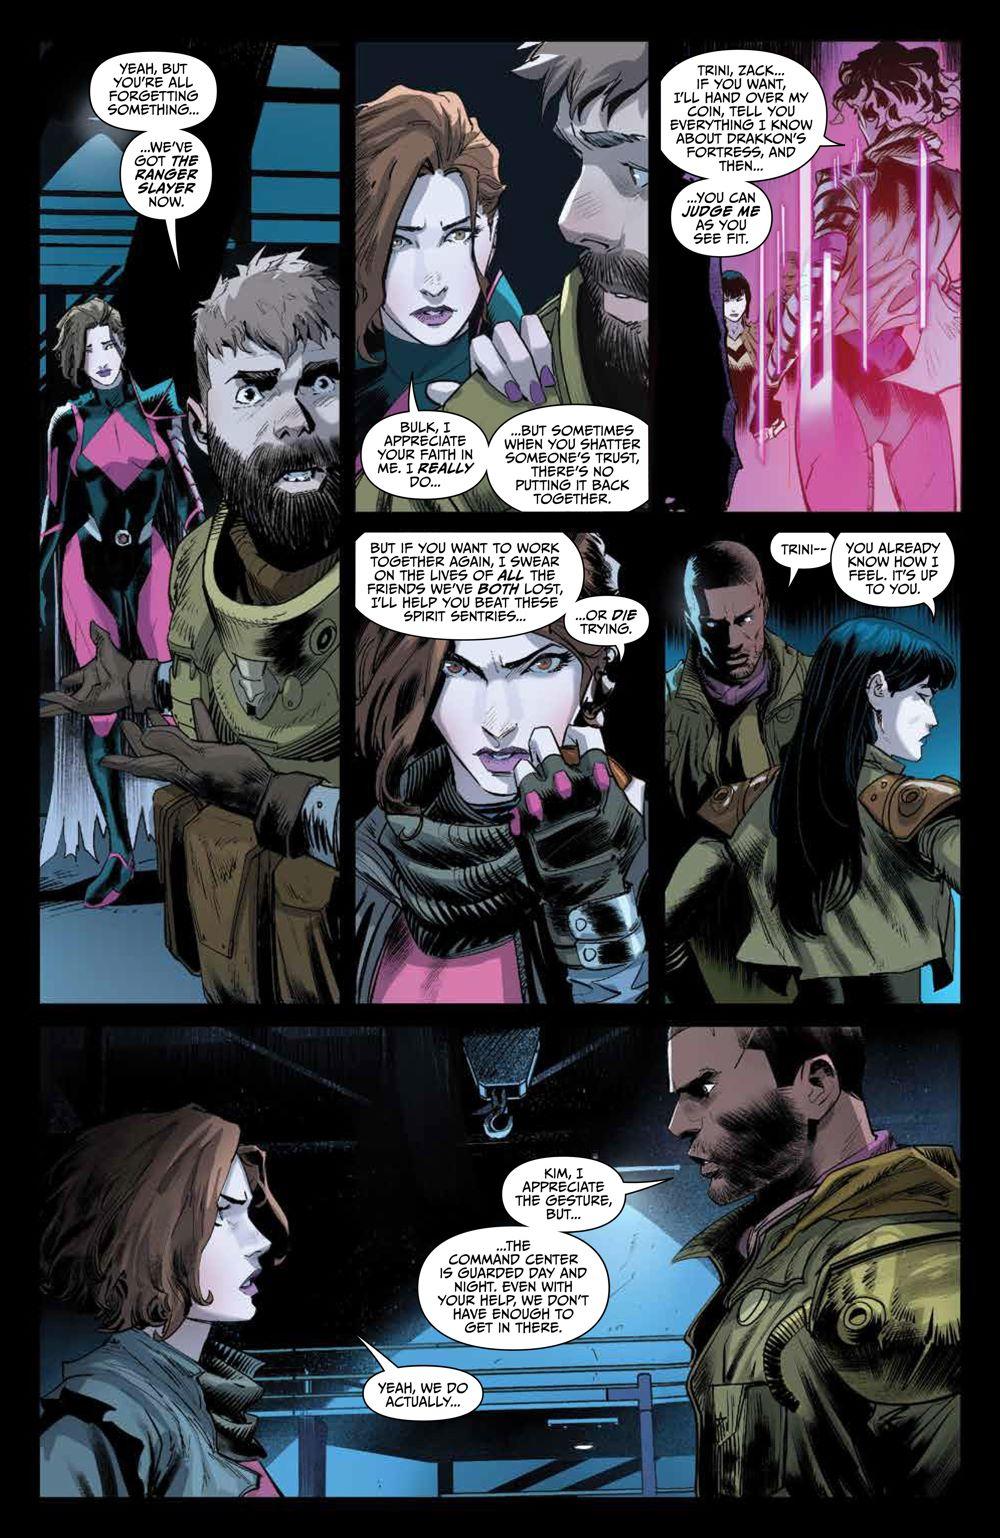 DrakkonNewDawn_SC_PRESS_18 ComicList Previews: POWER RANGERS DRAKKON NEW DAWN TP